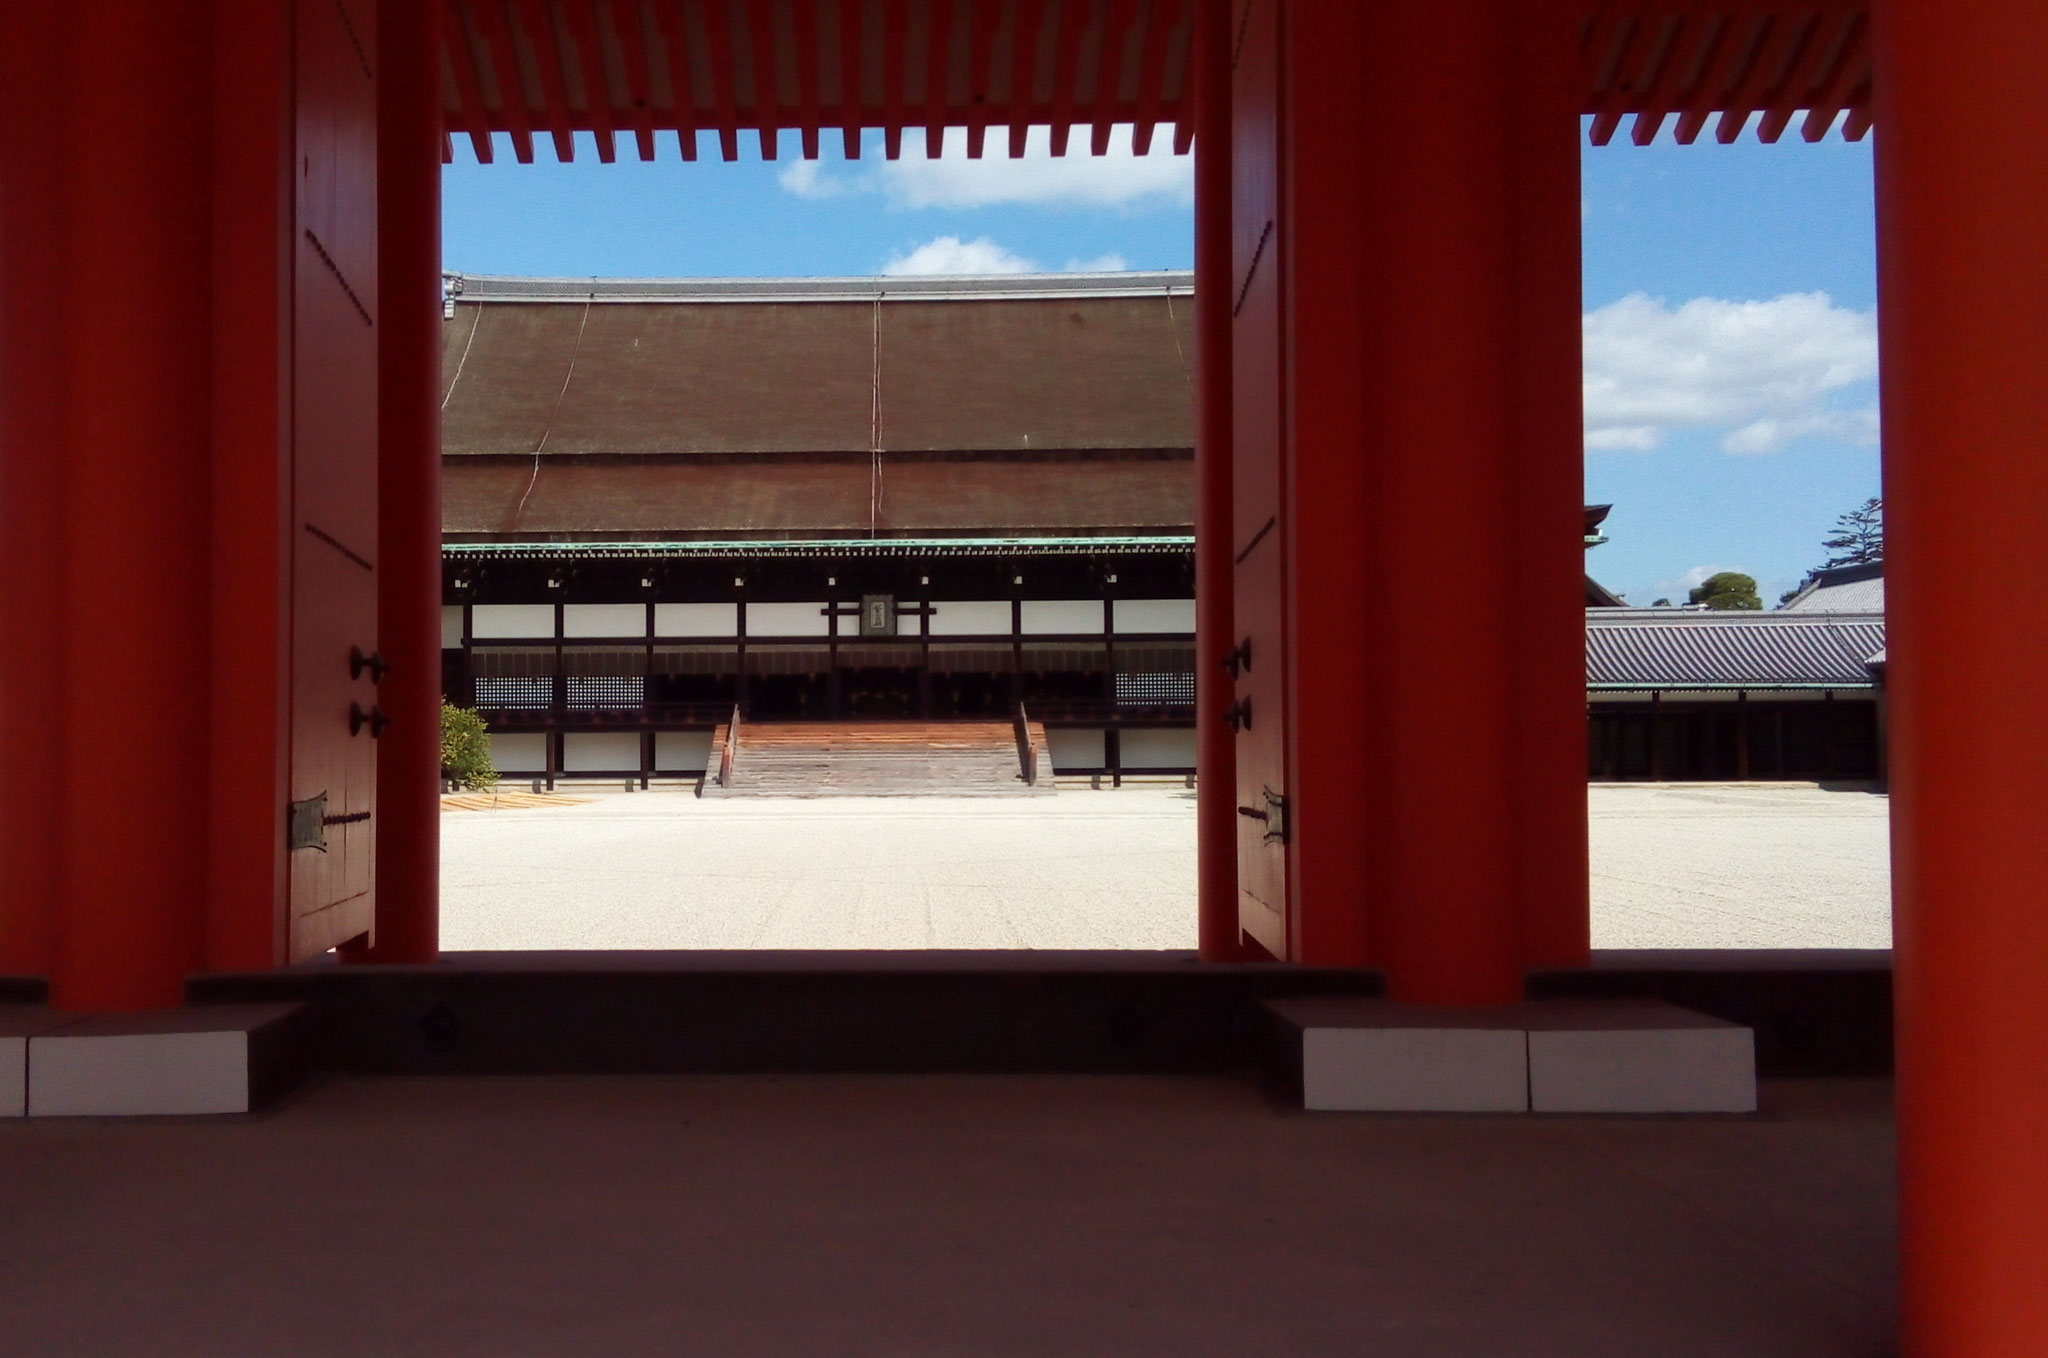 承明門と紫宸殿(ししんでん)